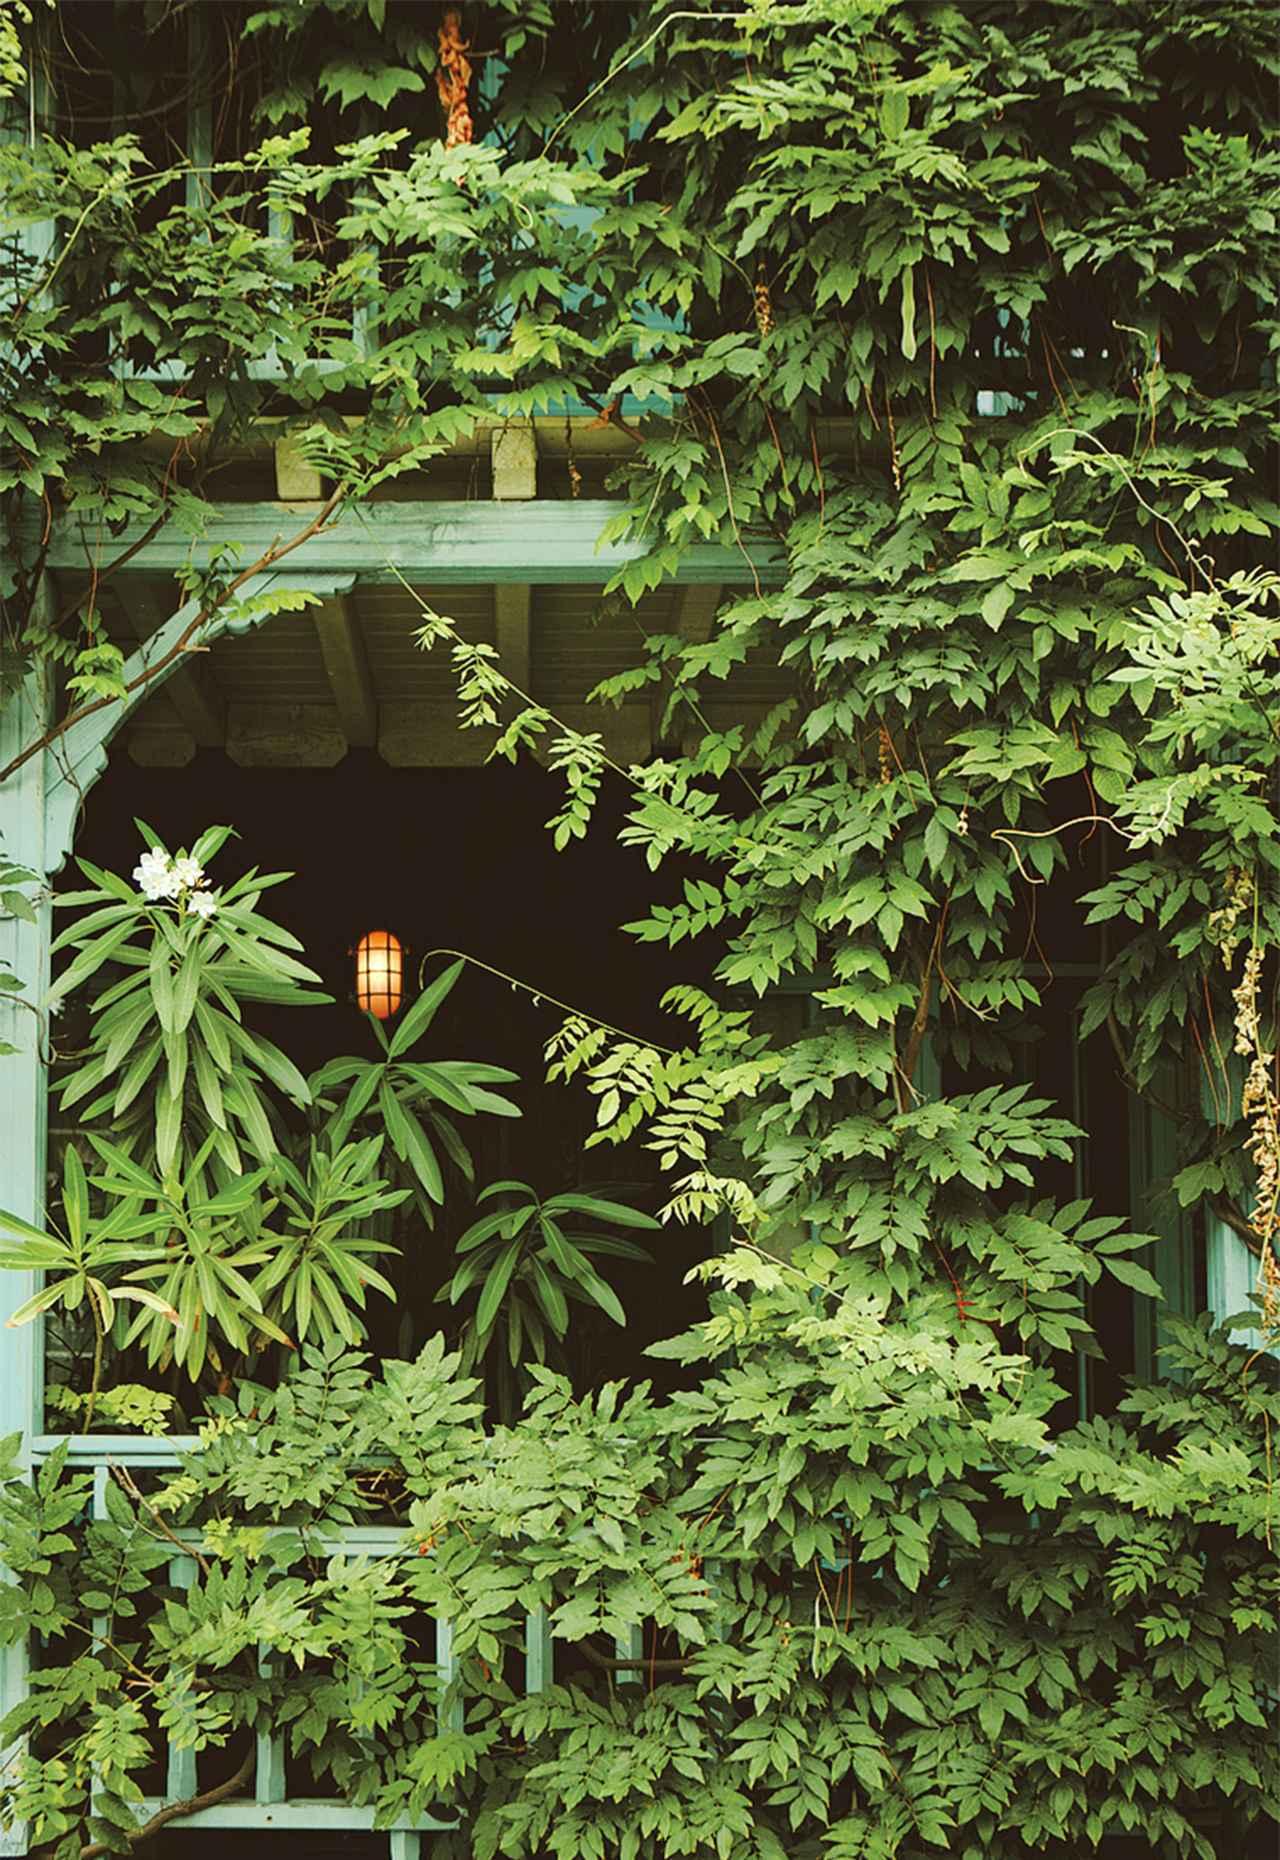 Images : 2番目の画像 - 「ミモザの香りと砂丘に導かれ、 フランスにおけるケープ・コッド カップ・フェレ半島へ」のアルバム - T JAPAN:The New York Times Style Magazine 公式サイト